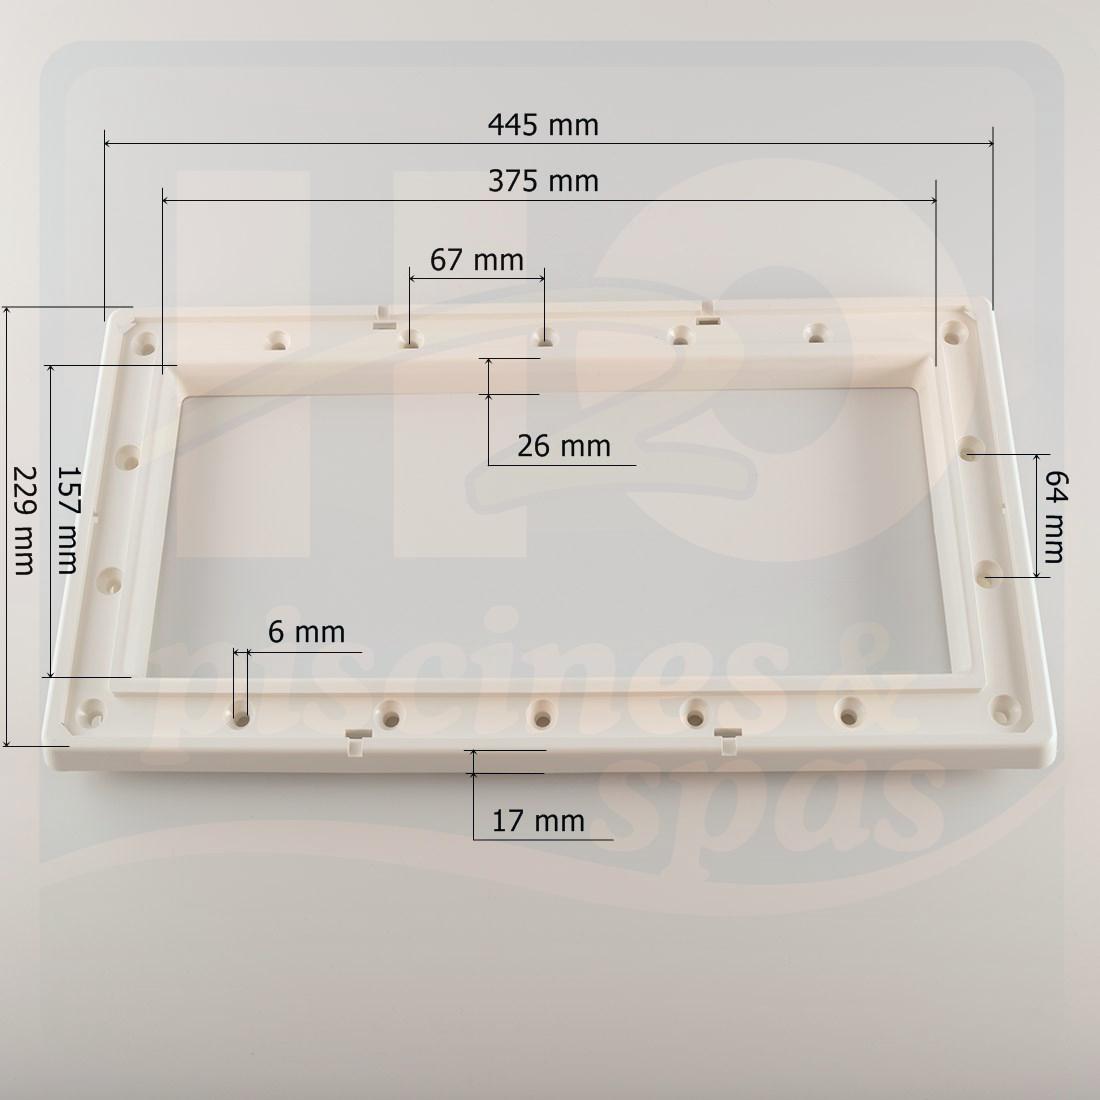 cadre bride vis de skimmer astral pour piscine liner h2o piscines spas. Black Bedroom Furniture Sets. Home Design Ideas